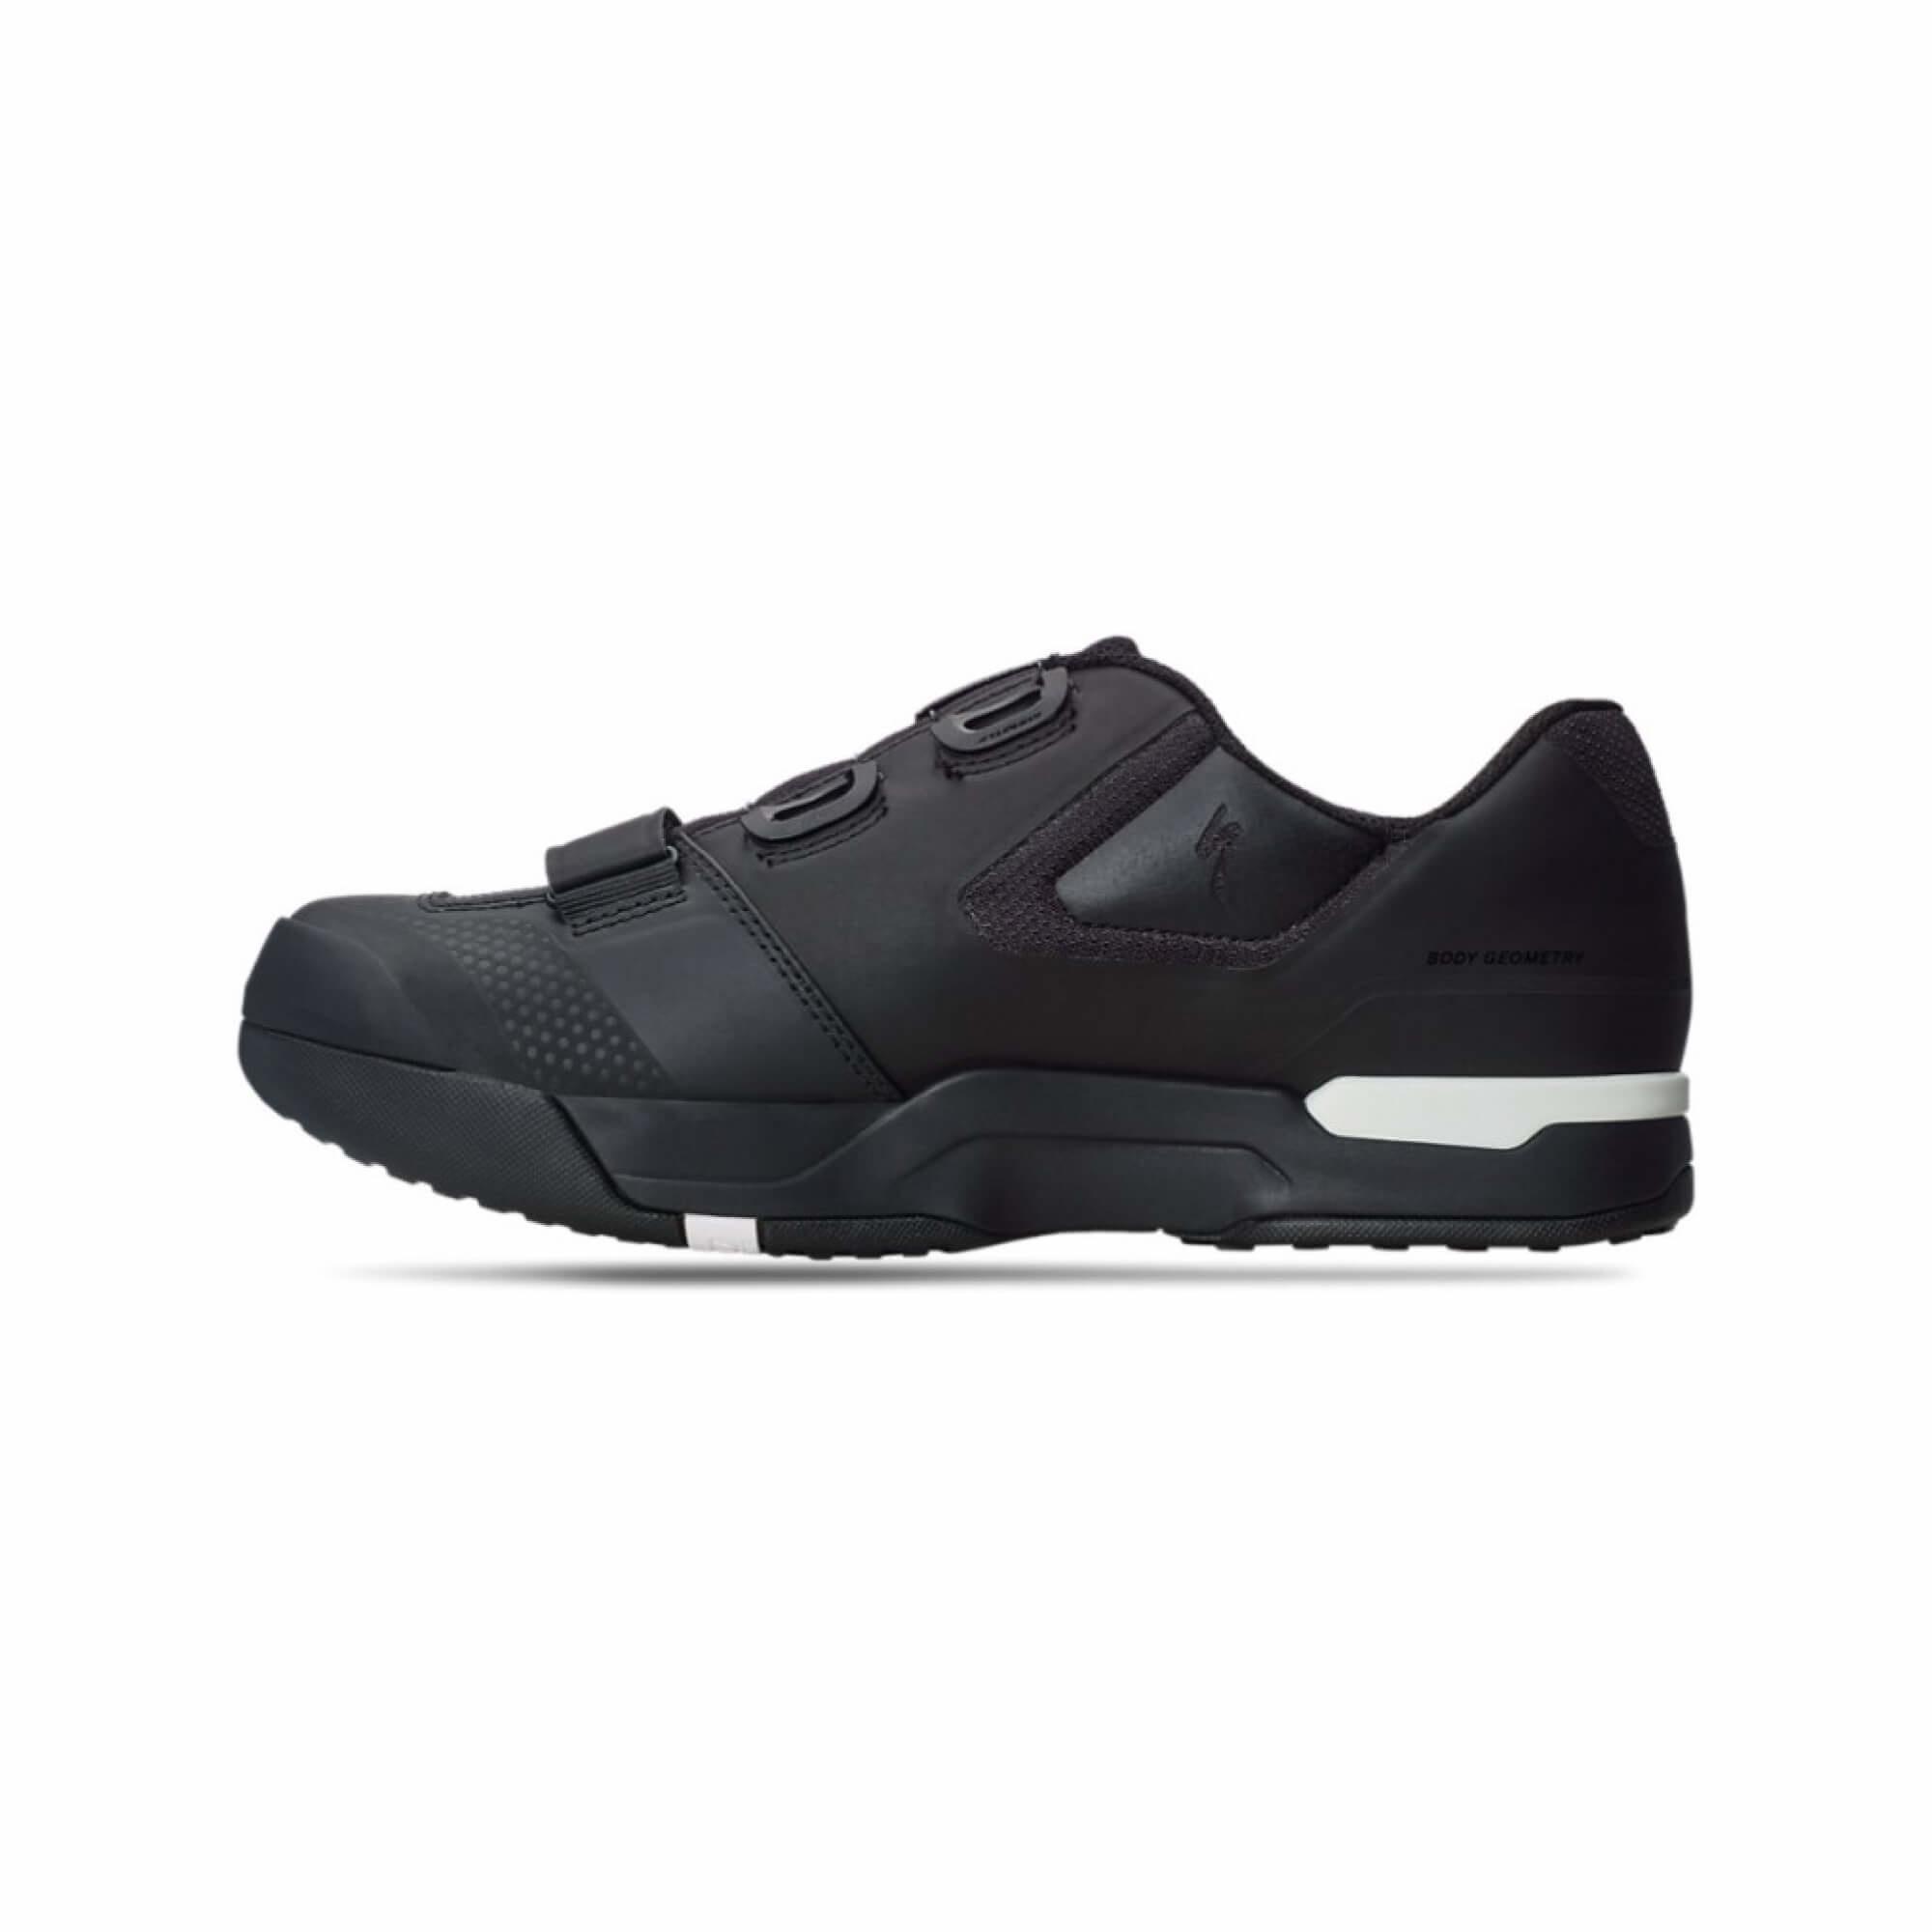 2FO Cliplite MTB Shoe Blk/Wht 41/8 Size: 41-2